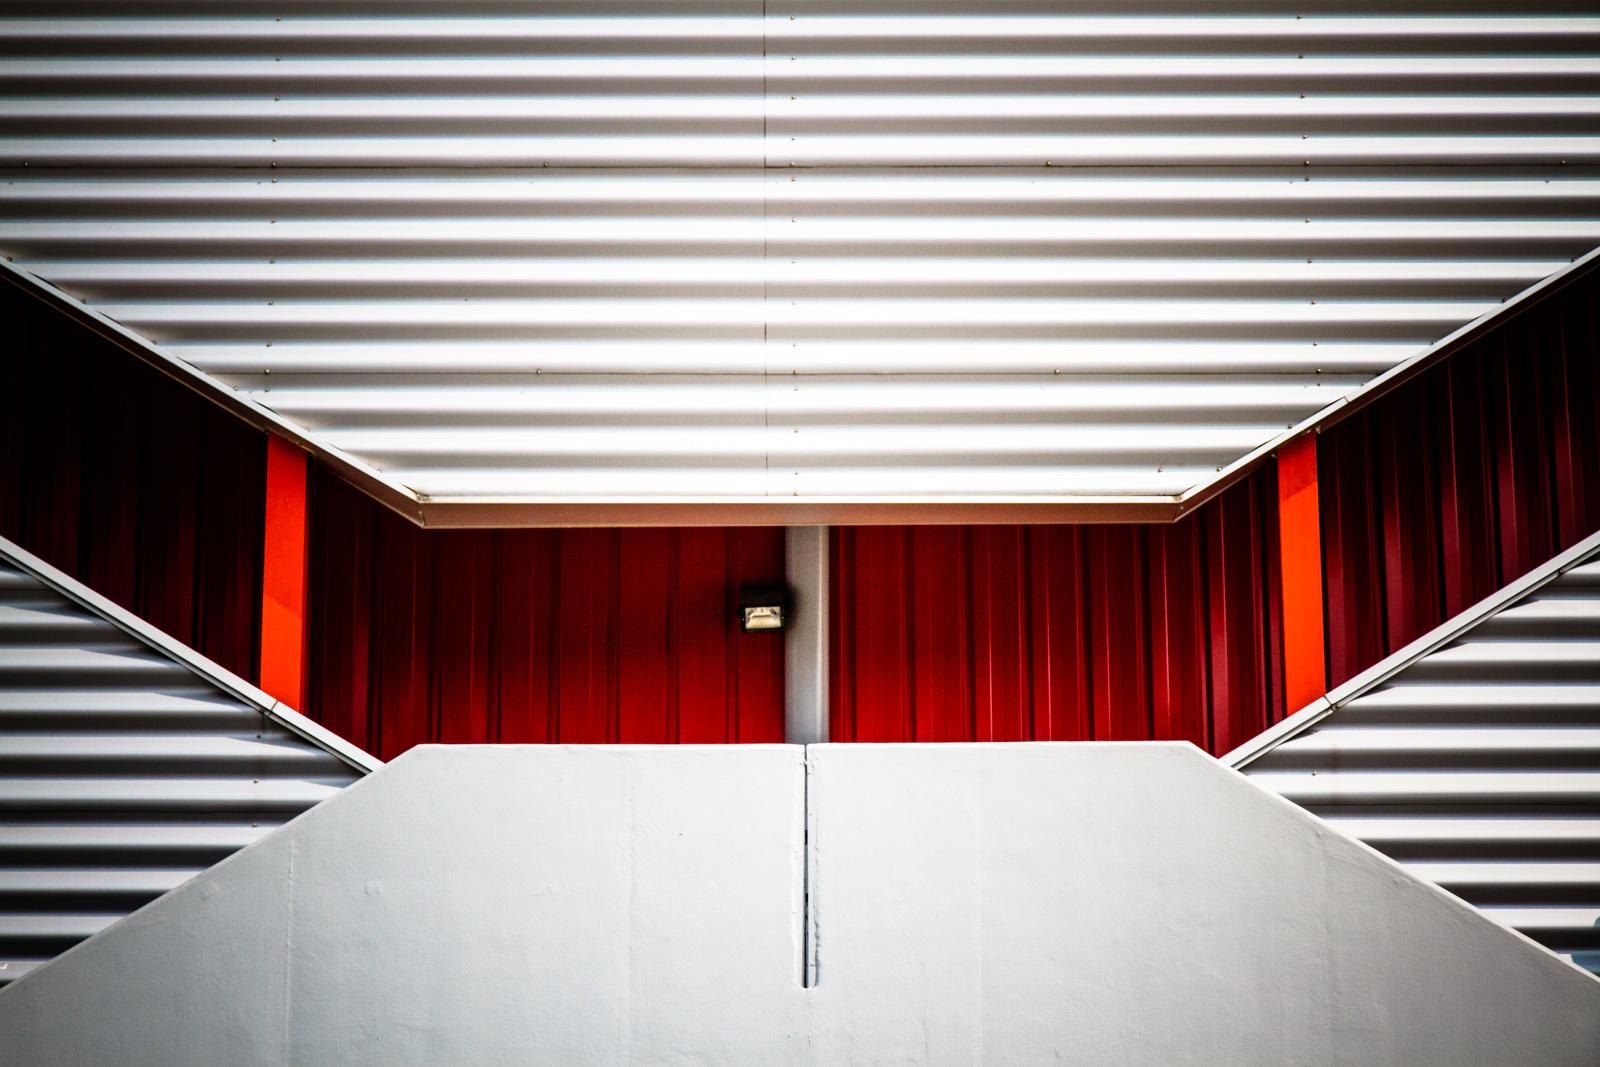 Hintergrundbilder : die Architektur, abstrakt, rot, Mauer, Holz ...